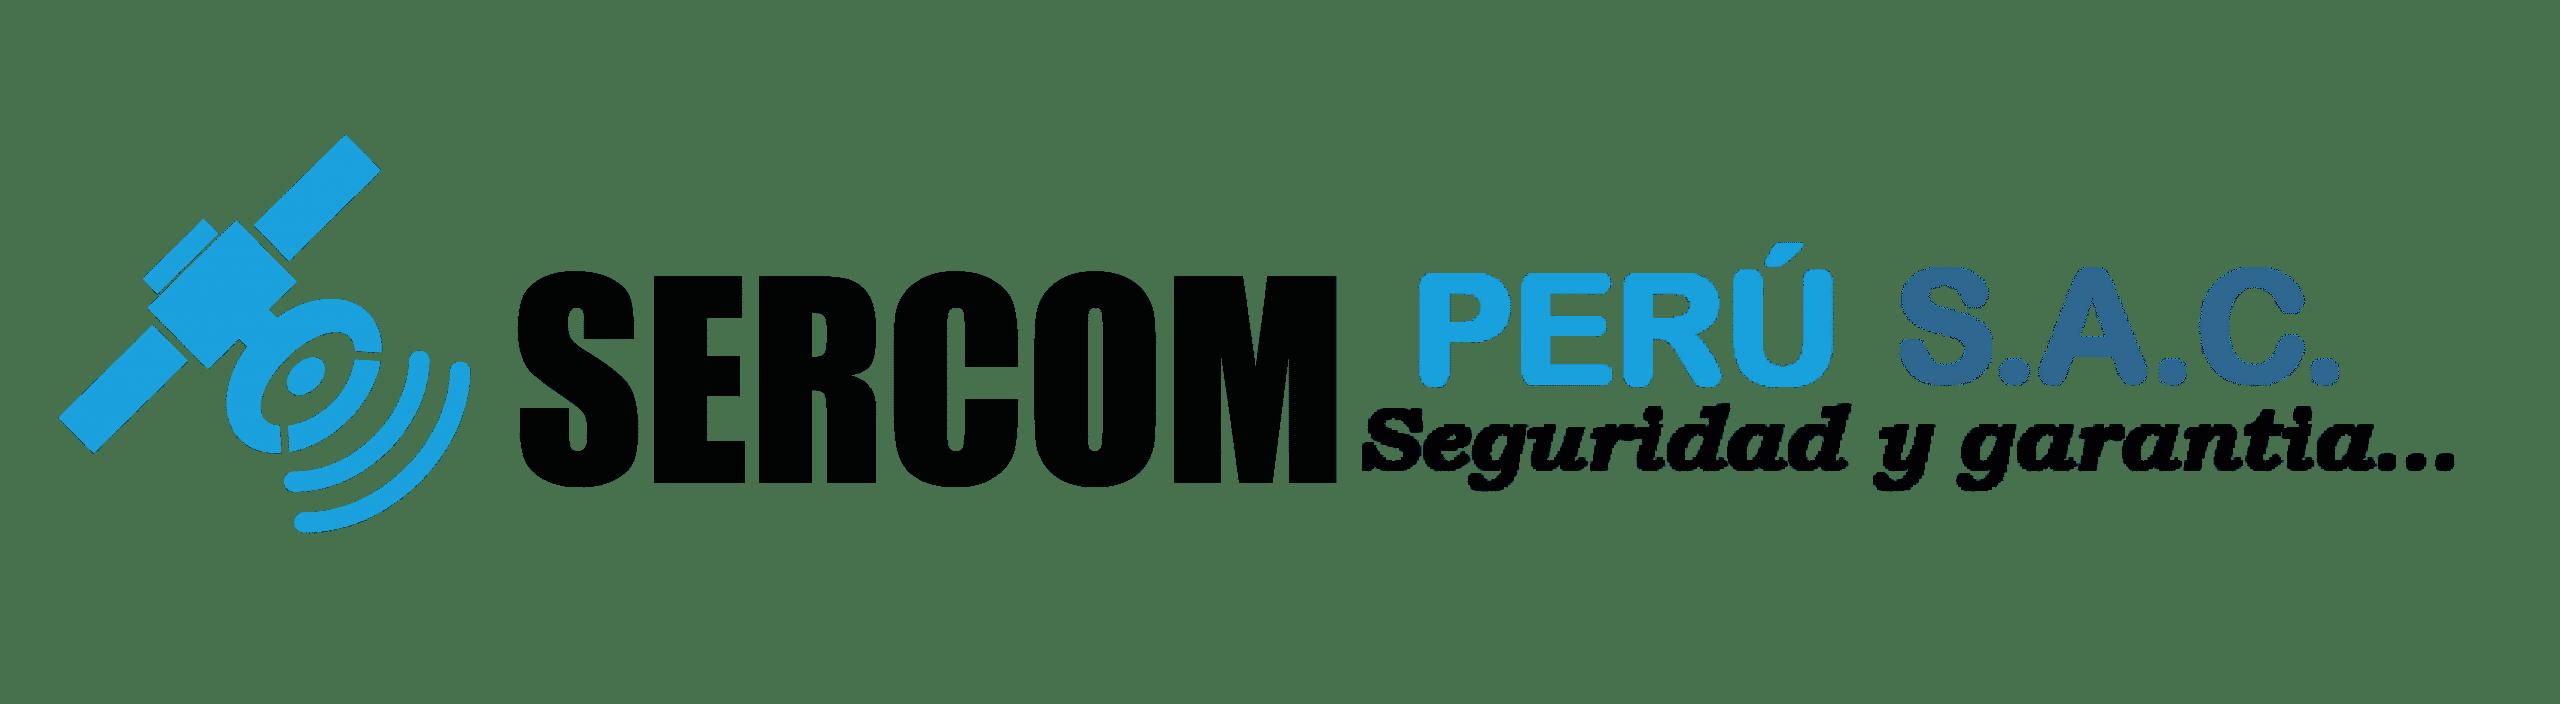 Sercom Peru S.A.C.